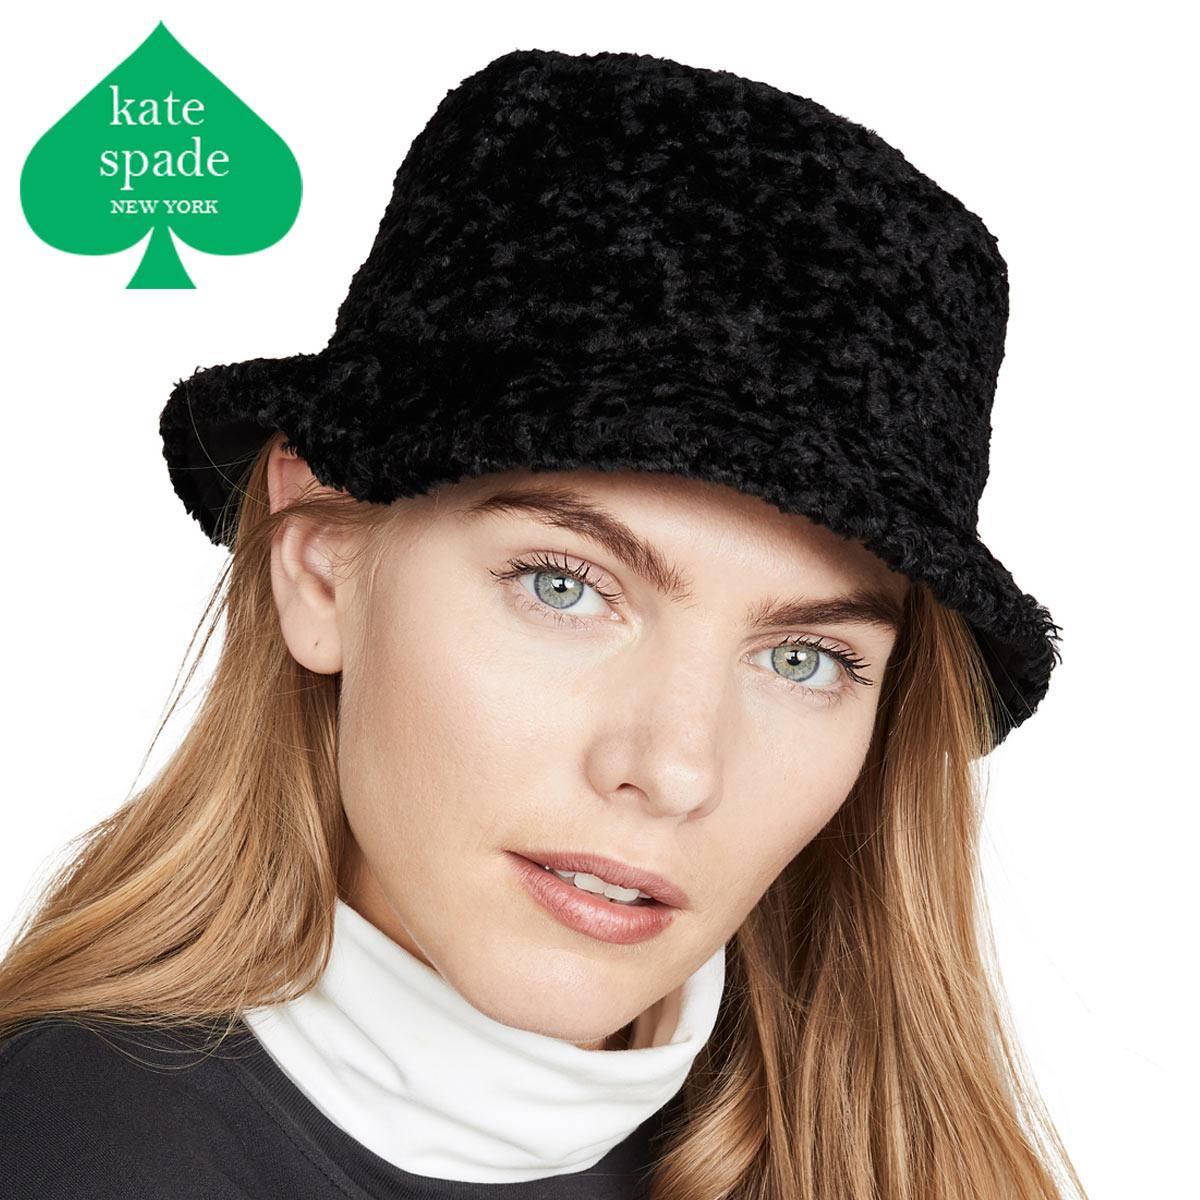 ケイトスペード バケットハット ブランド レディース 帽子 かわいい おしゃれ KATE SPADE NEW YORK